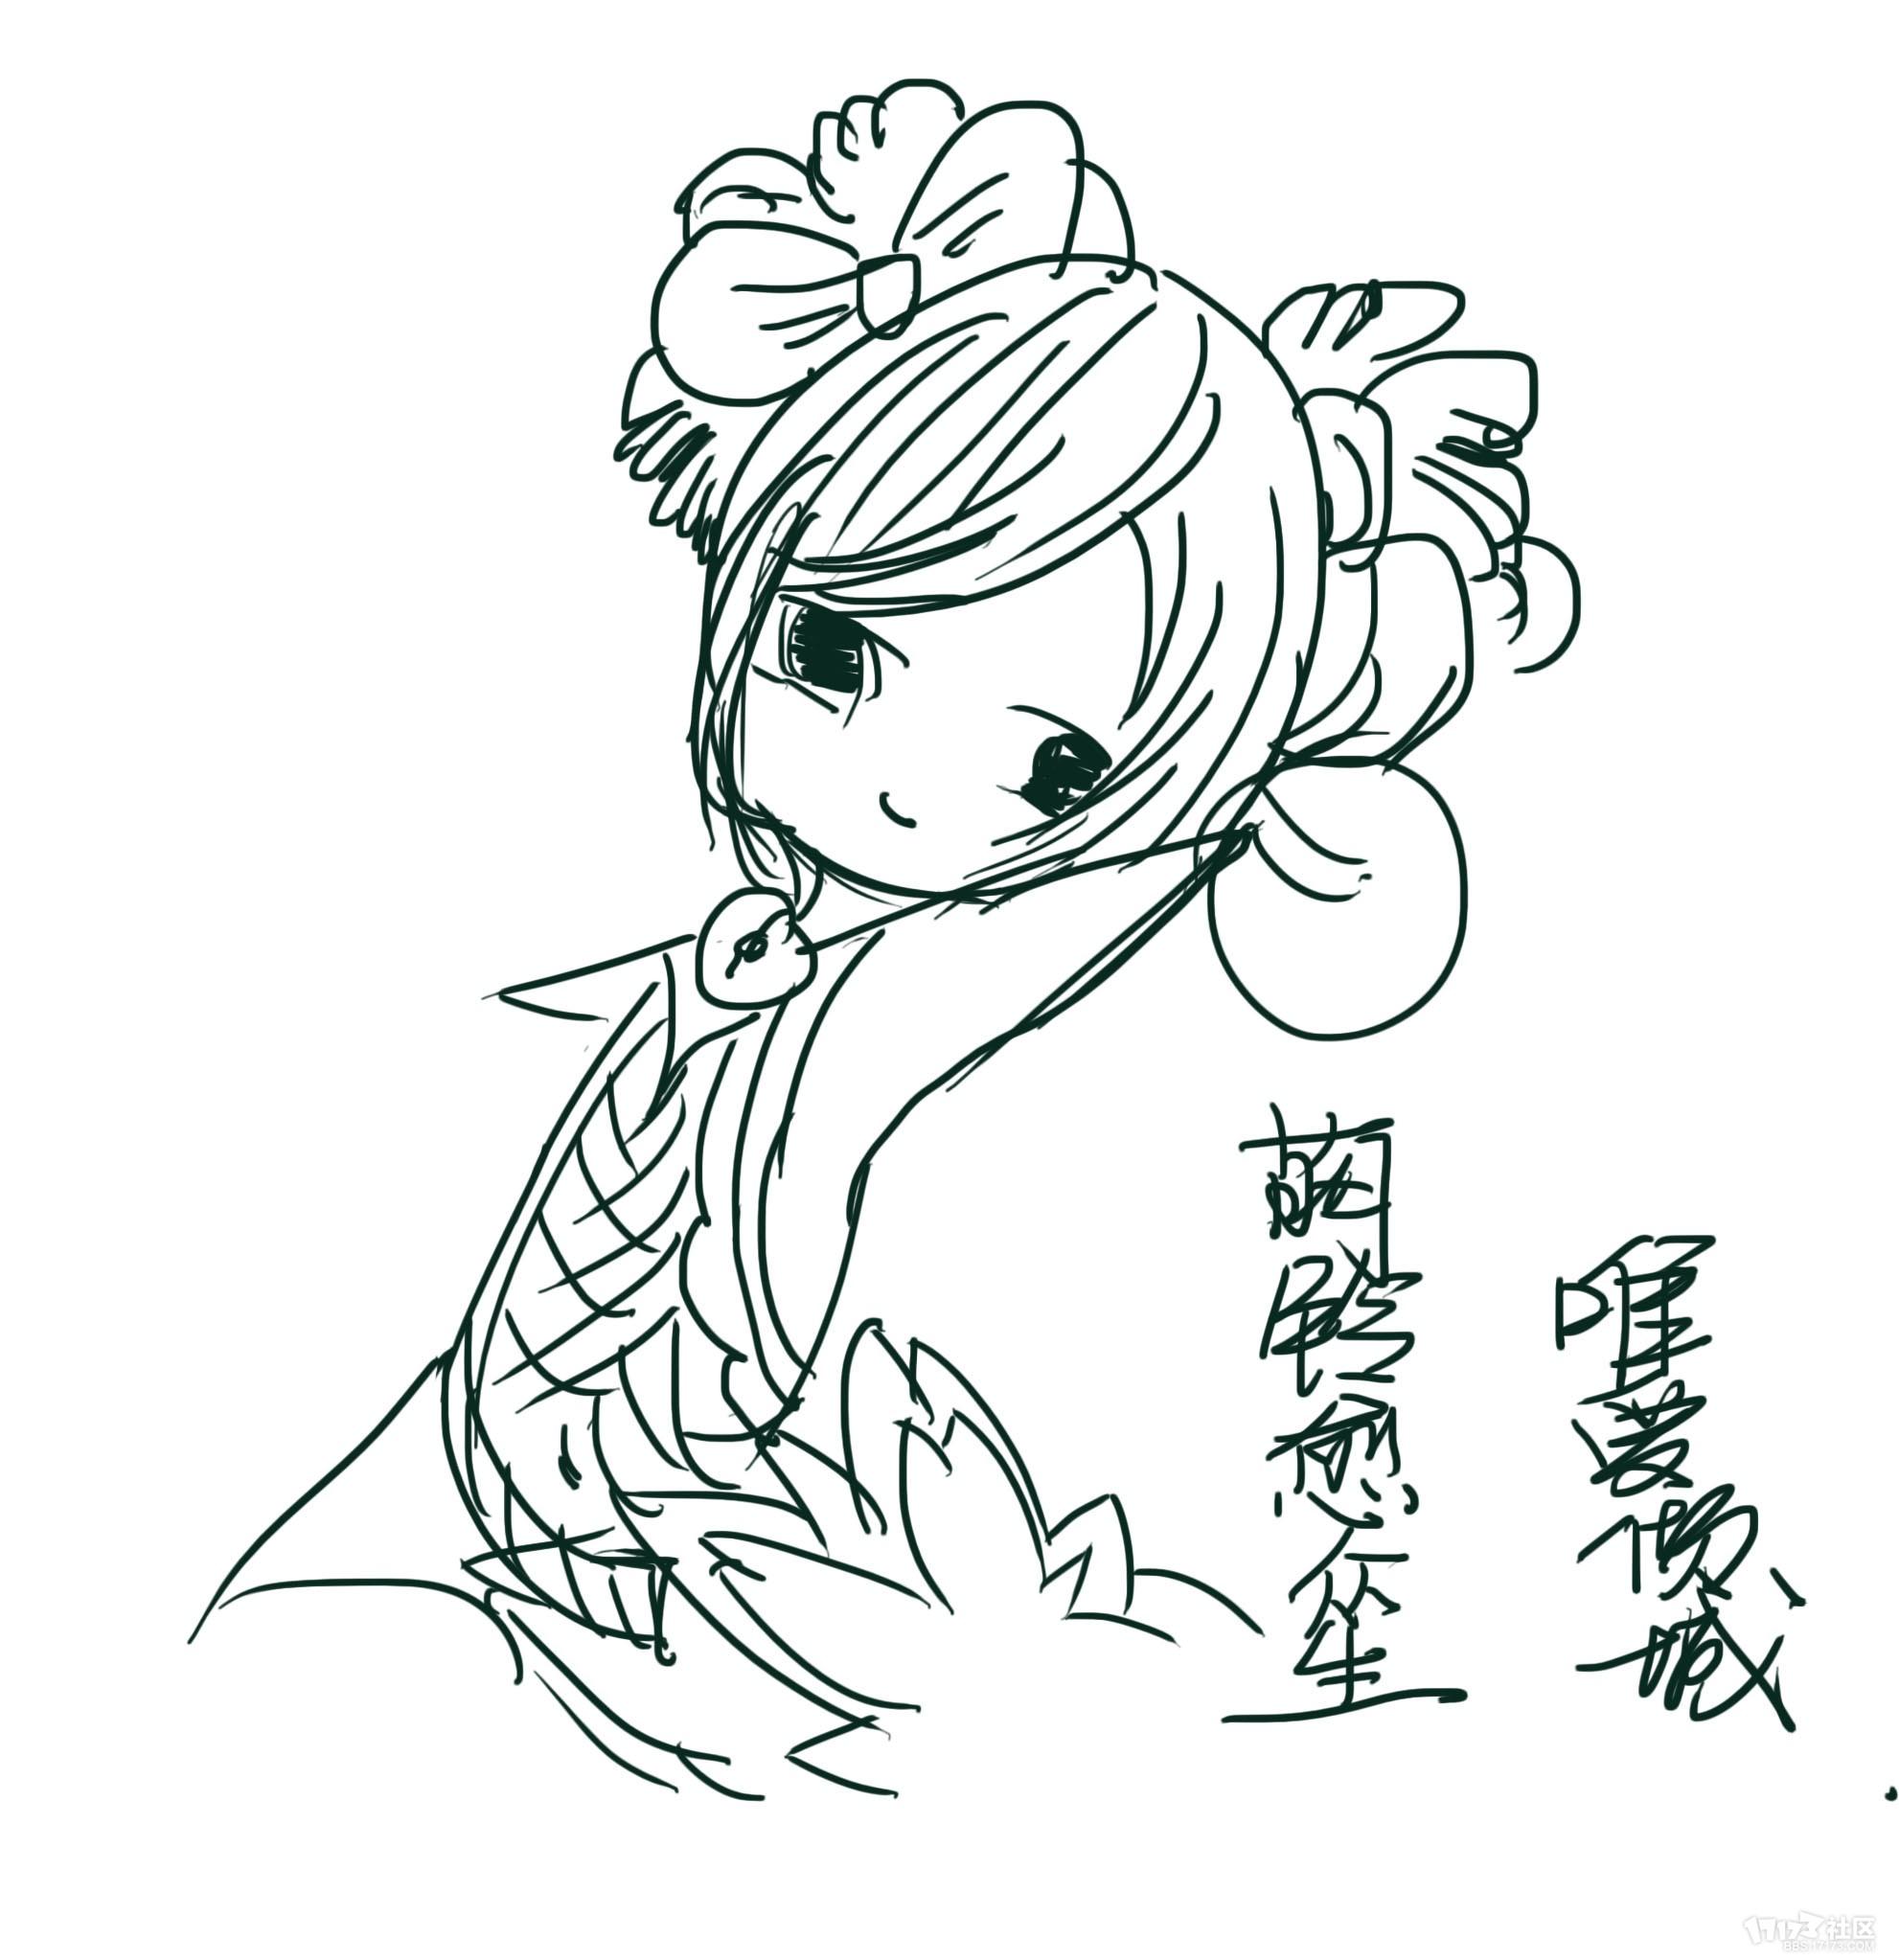 【唯爱倾城】天谕手绘-短子大玲珑